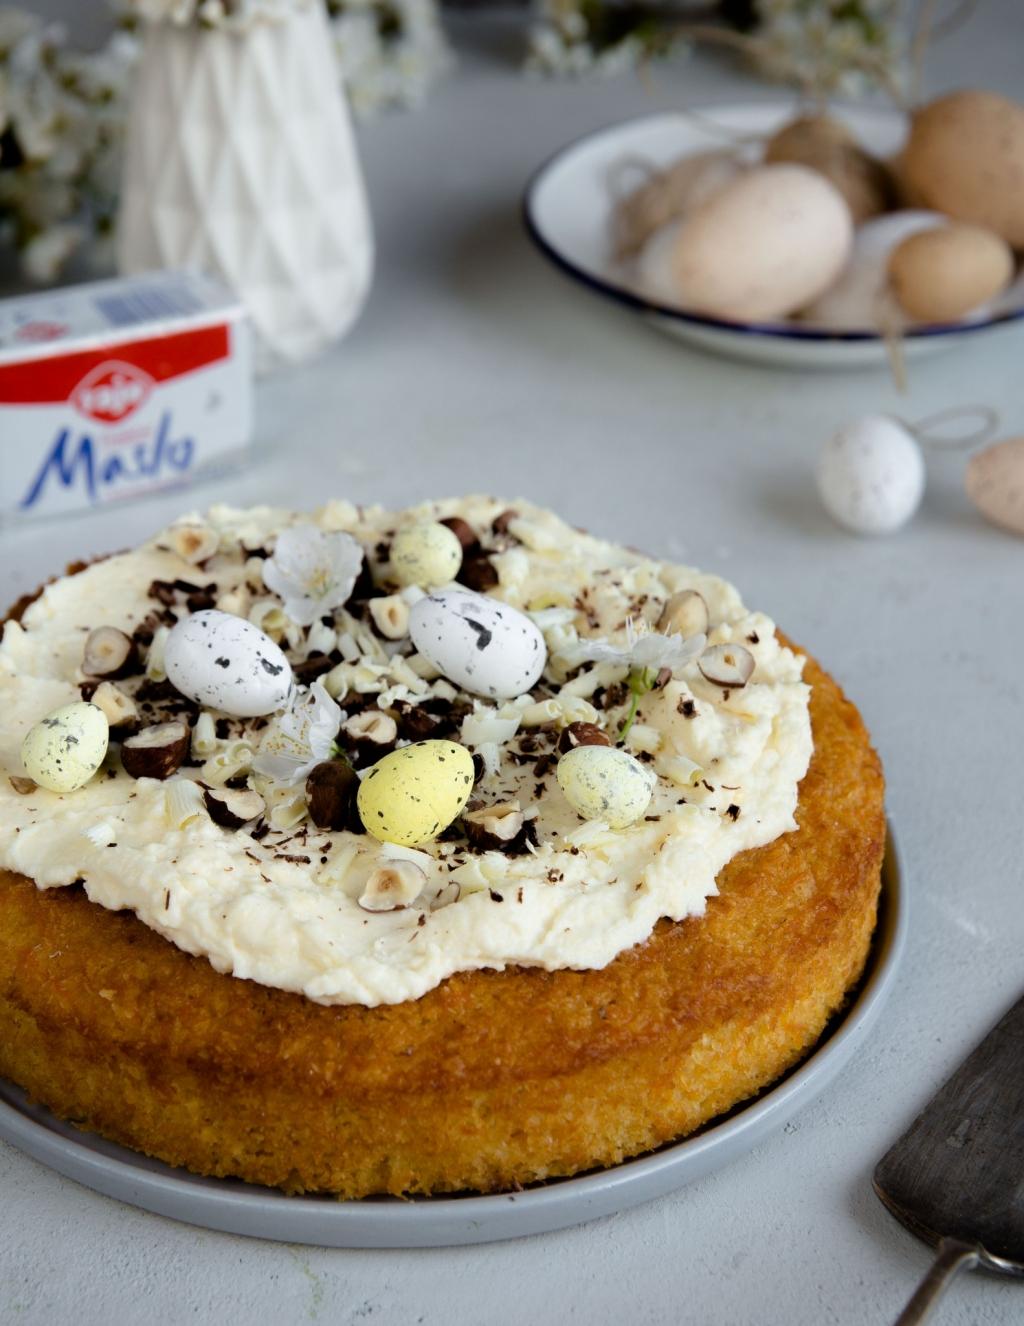 Mrkvová veľkonočná torta s kokosom